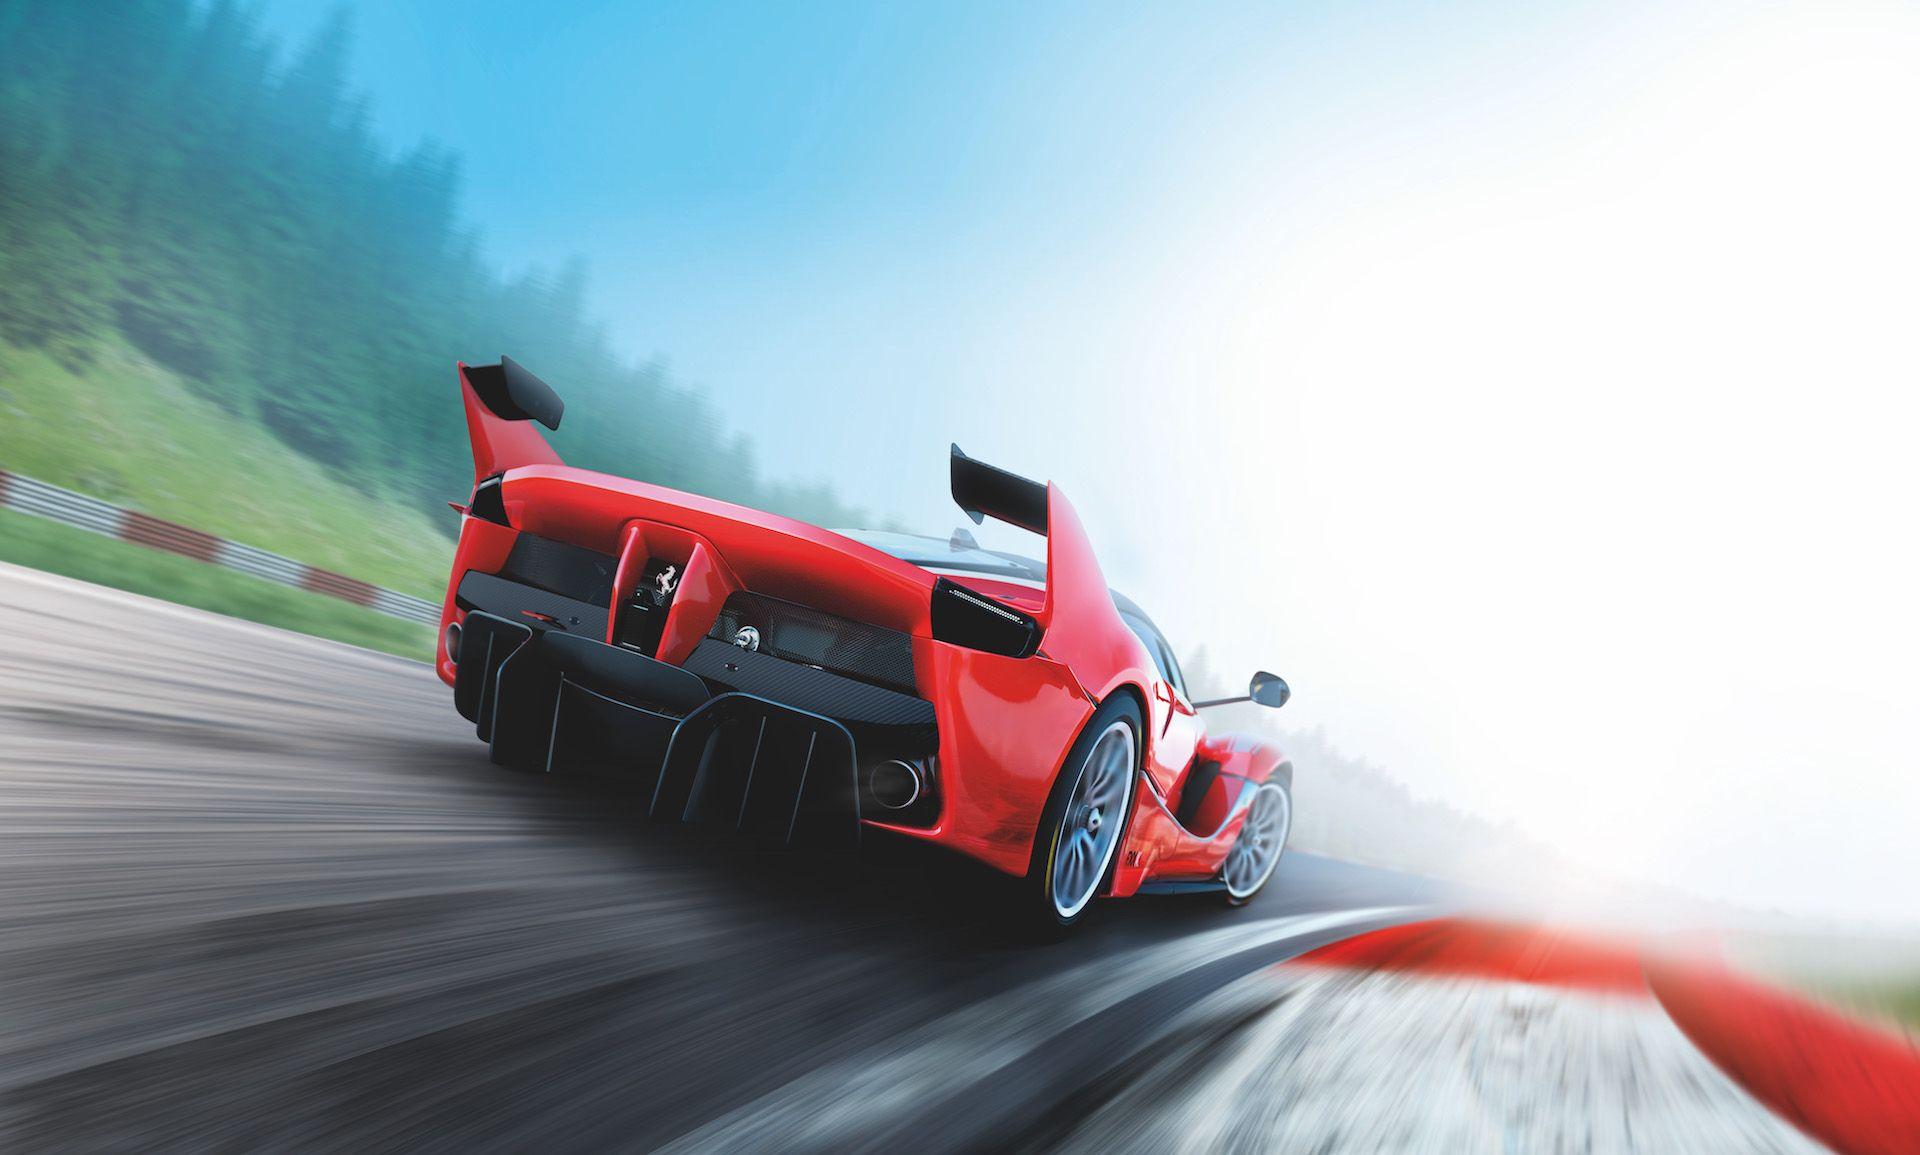 Assetto_Corsa_Ferrari_FXX-K_art